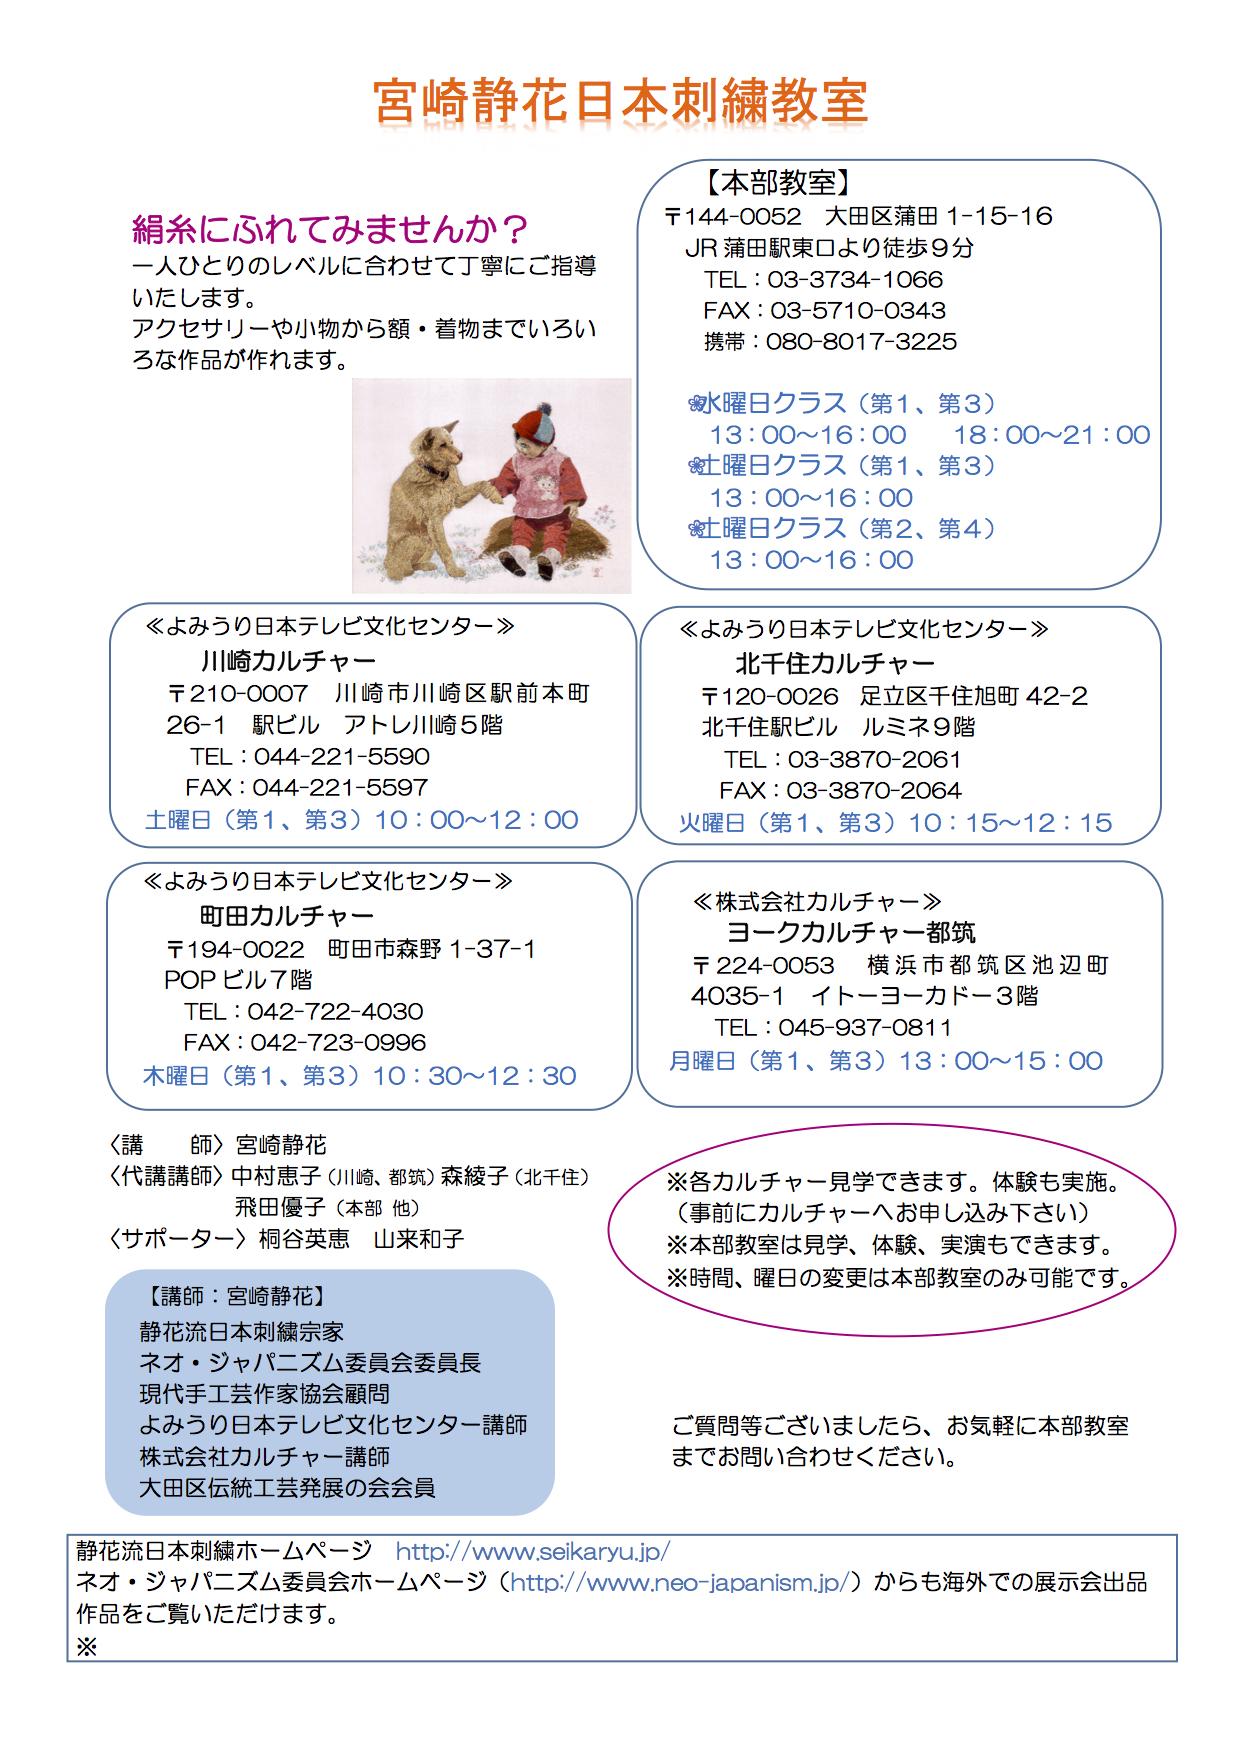 宮崎静花日本刺繍教室案内